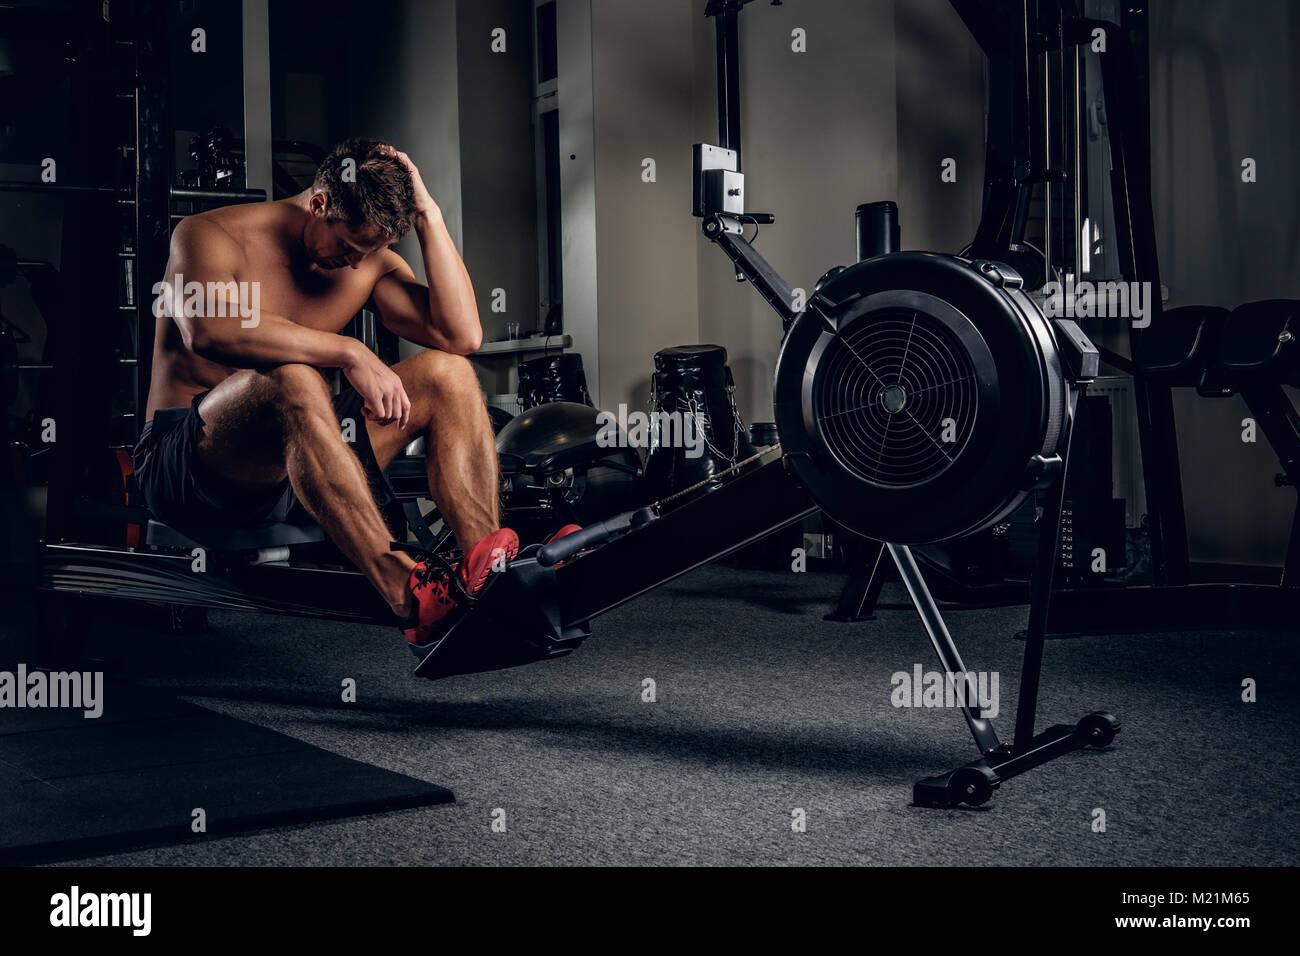 Homme sportif fatigué après l'entraînement sur la puissance machine d'exercice. Photo Stock